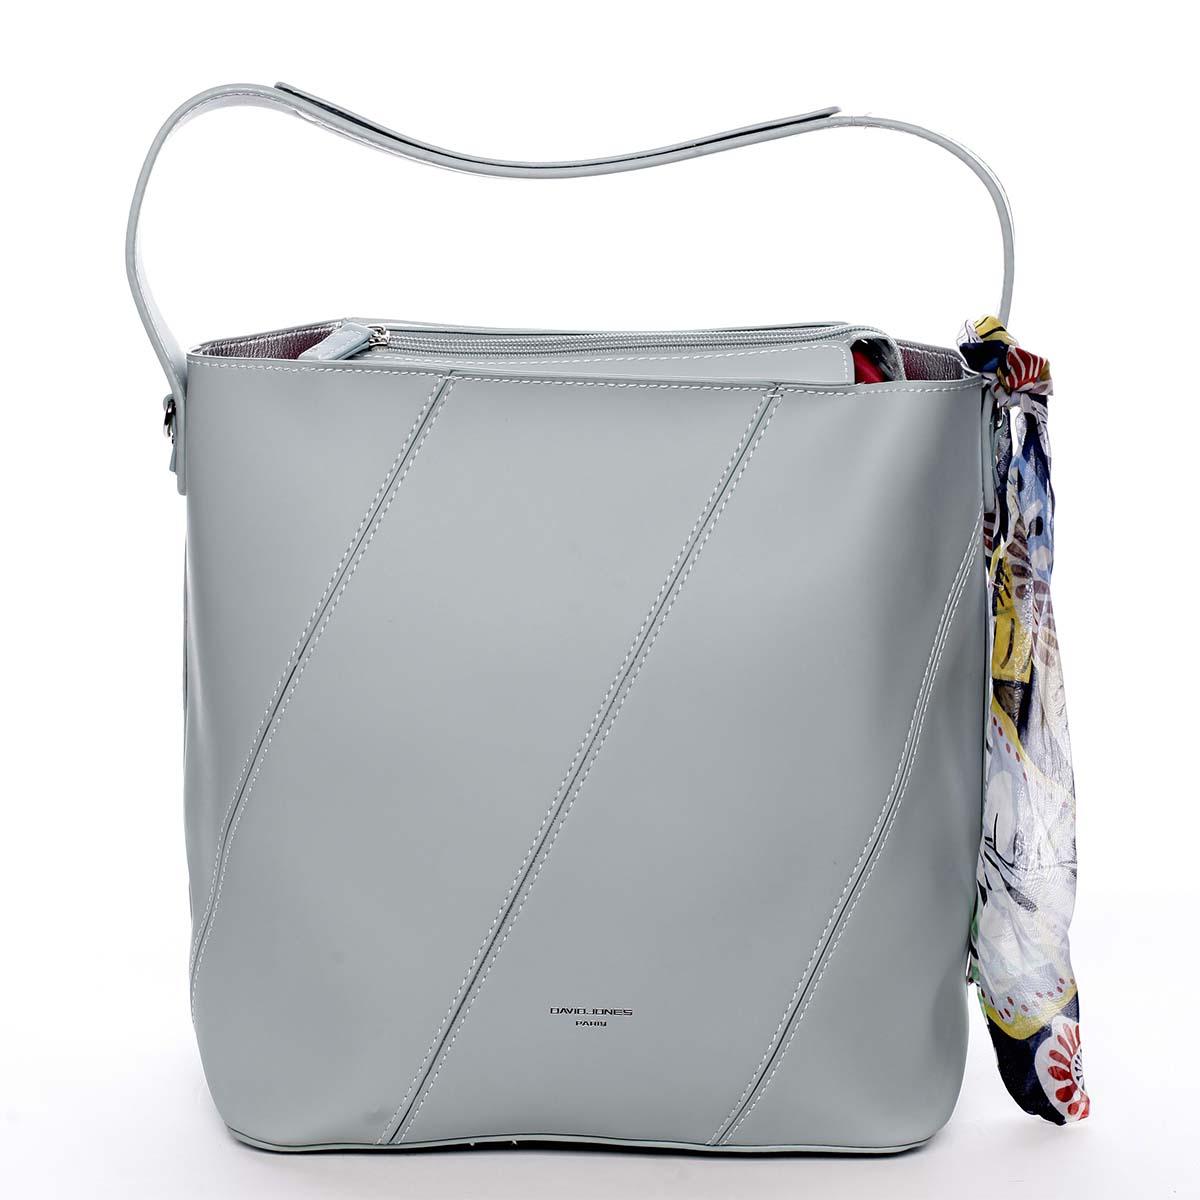 Elegantní dámská kabelka přes rameno mentolová - David Jones Abena.  A4:ne (v nejhorších případech ano) Materiál:syntetická kůže Kování:stříbrné Hmotnost:0,65 Kg Rozměry: 34 x 29 x 16,5 cm (šířka x výška x hloubka) Délka ucha:17,5 cm (měřeno odohybuucha kolmo ke kabelce) Délka popruhu:nastavitelný, odnímatelný Kód zboží:5911-1